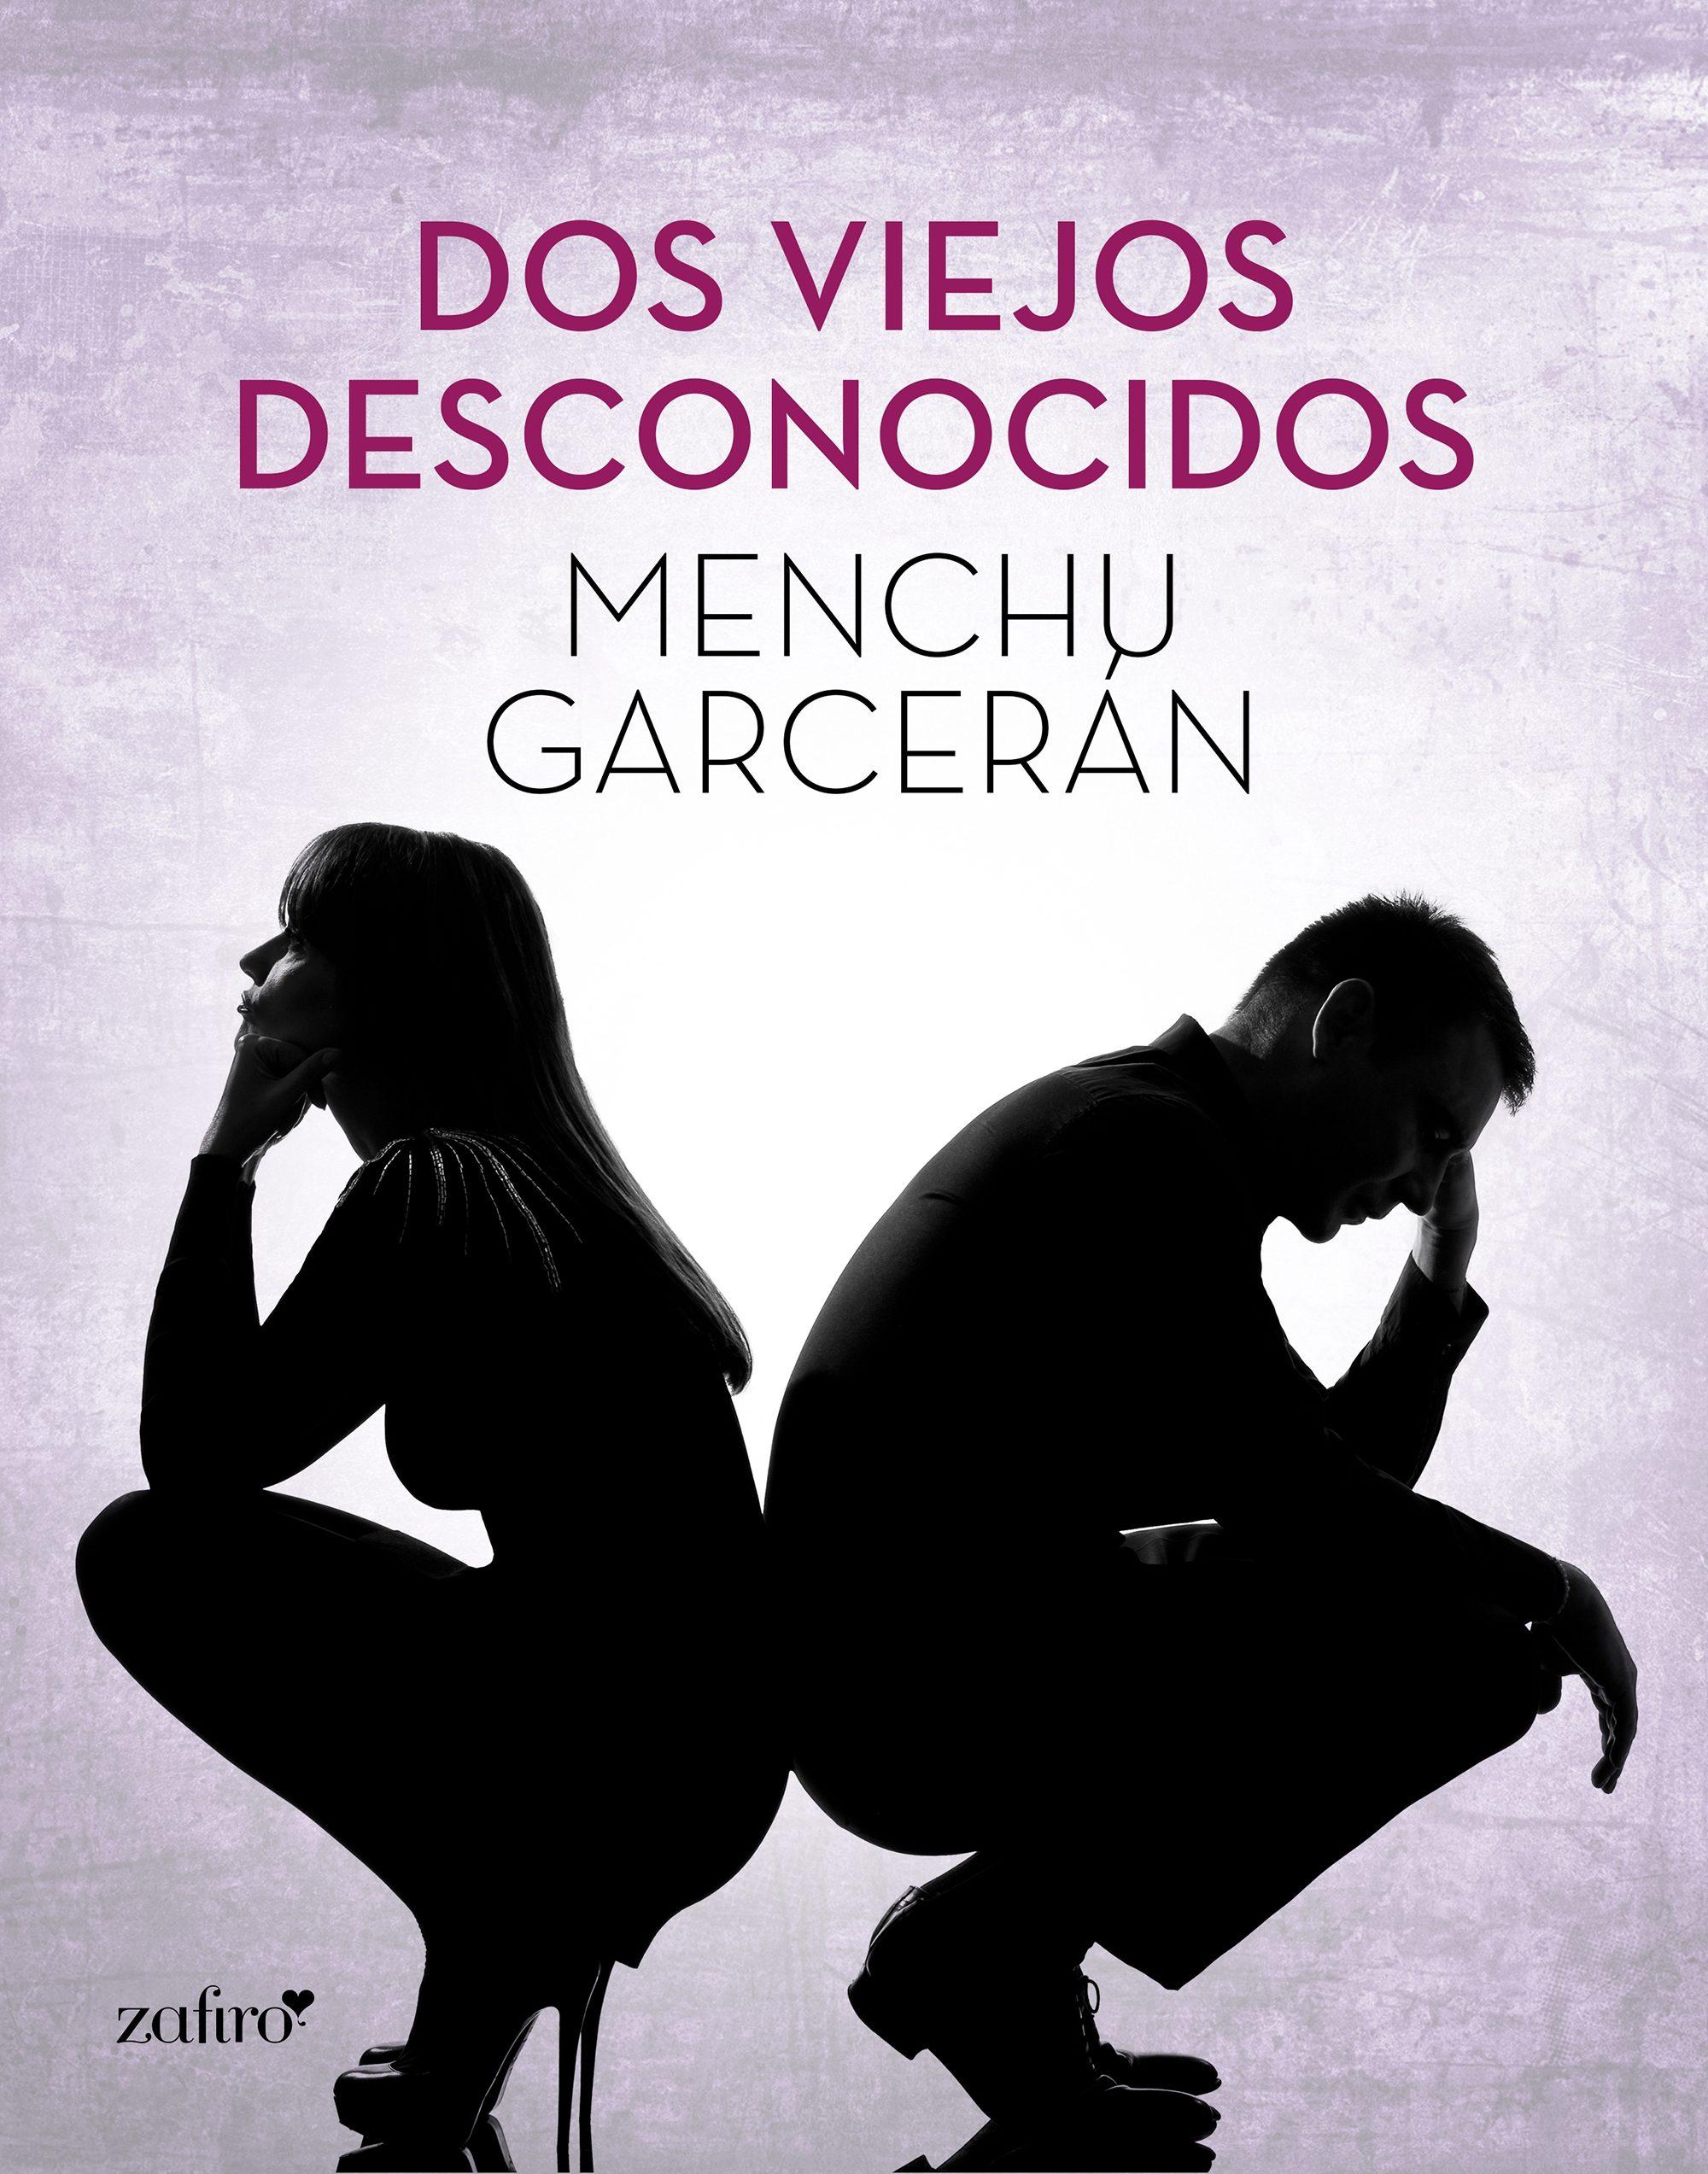 Dos viejos desconocidos, Menchu Garcerán (Rom) 9788408134886